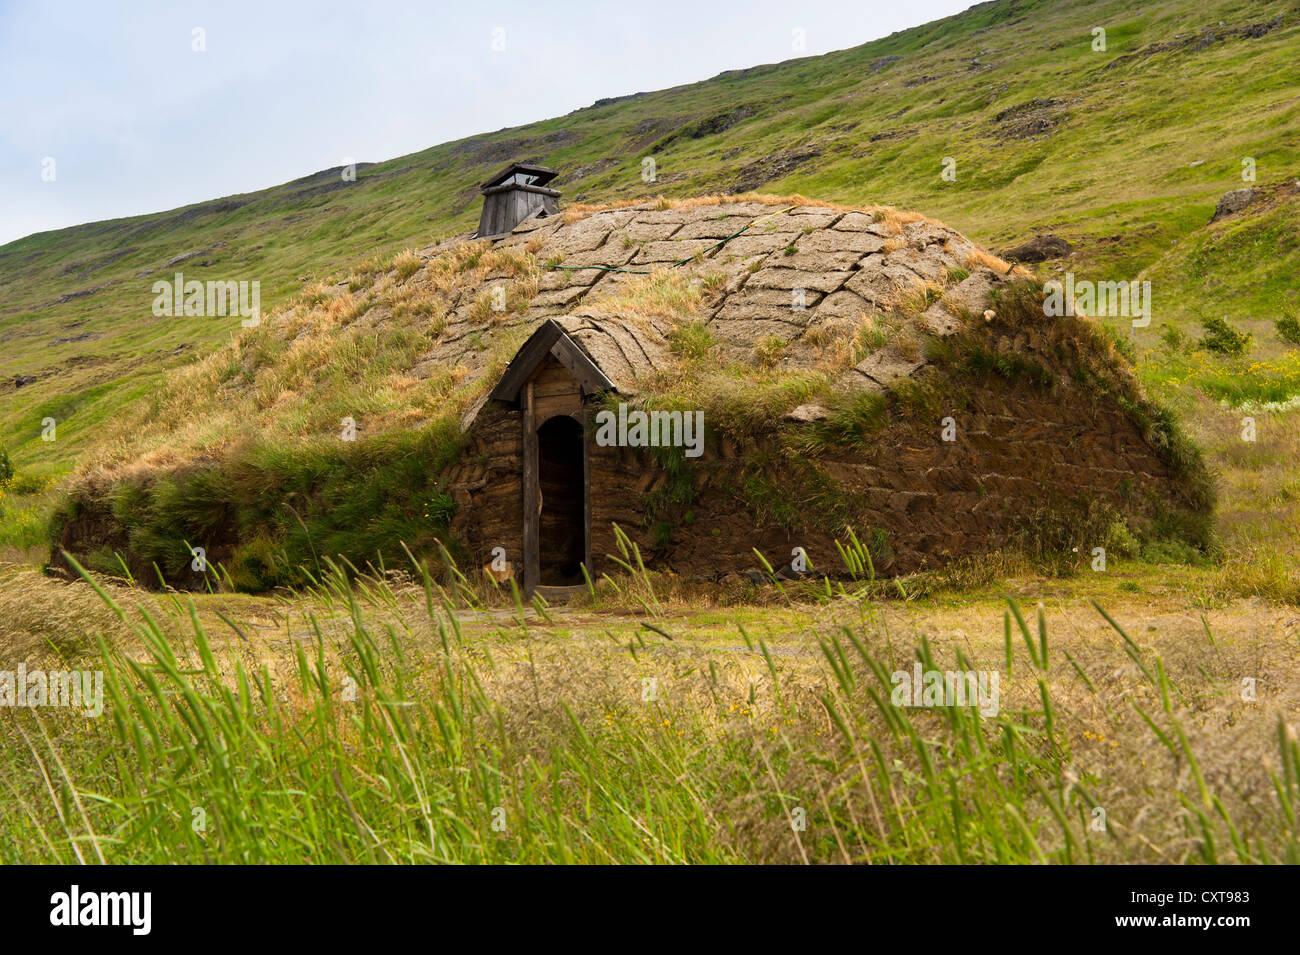 Museum, longhouse, Leifur Eiríksson, discoverer of America, Eiríksstaðir, Eiriksstadir, Haukadalur valley, Vesturland Stock Photo